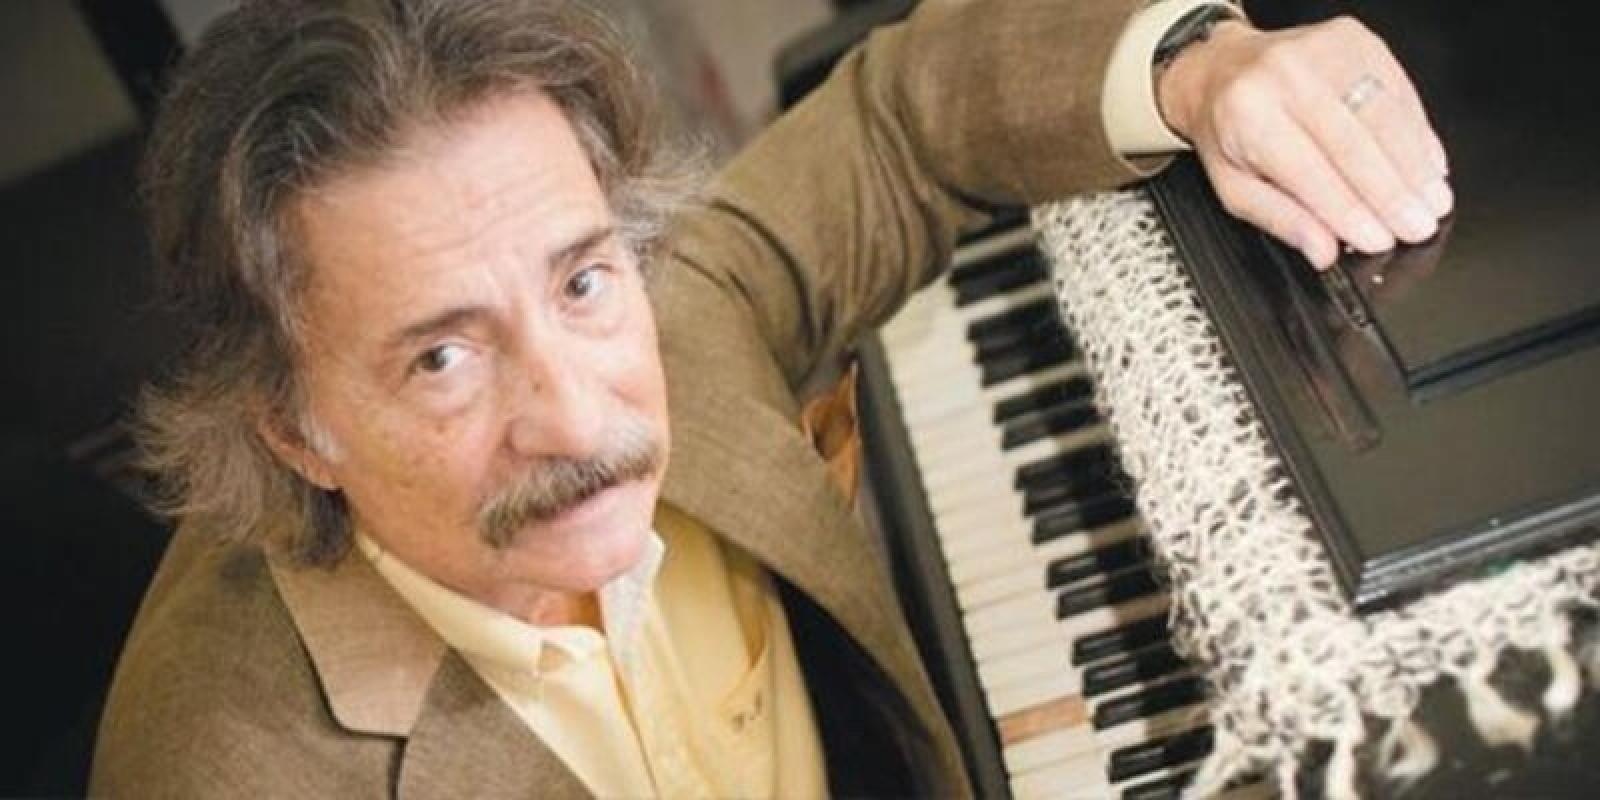 Müzik dünyasının acı kaybı! Timur Selçuk hayatını kaybetti